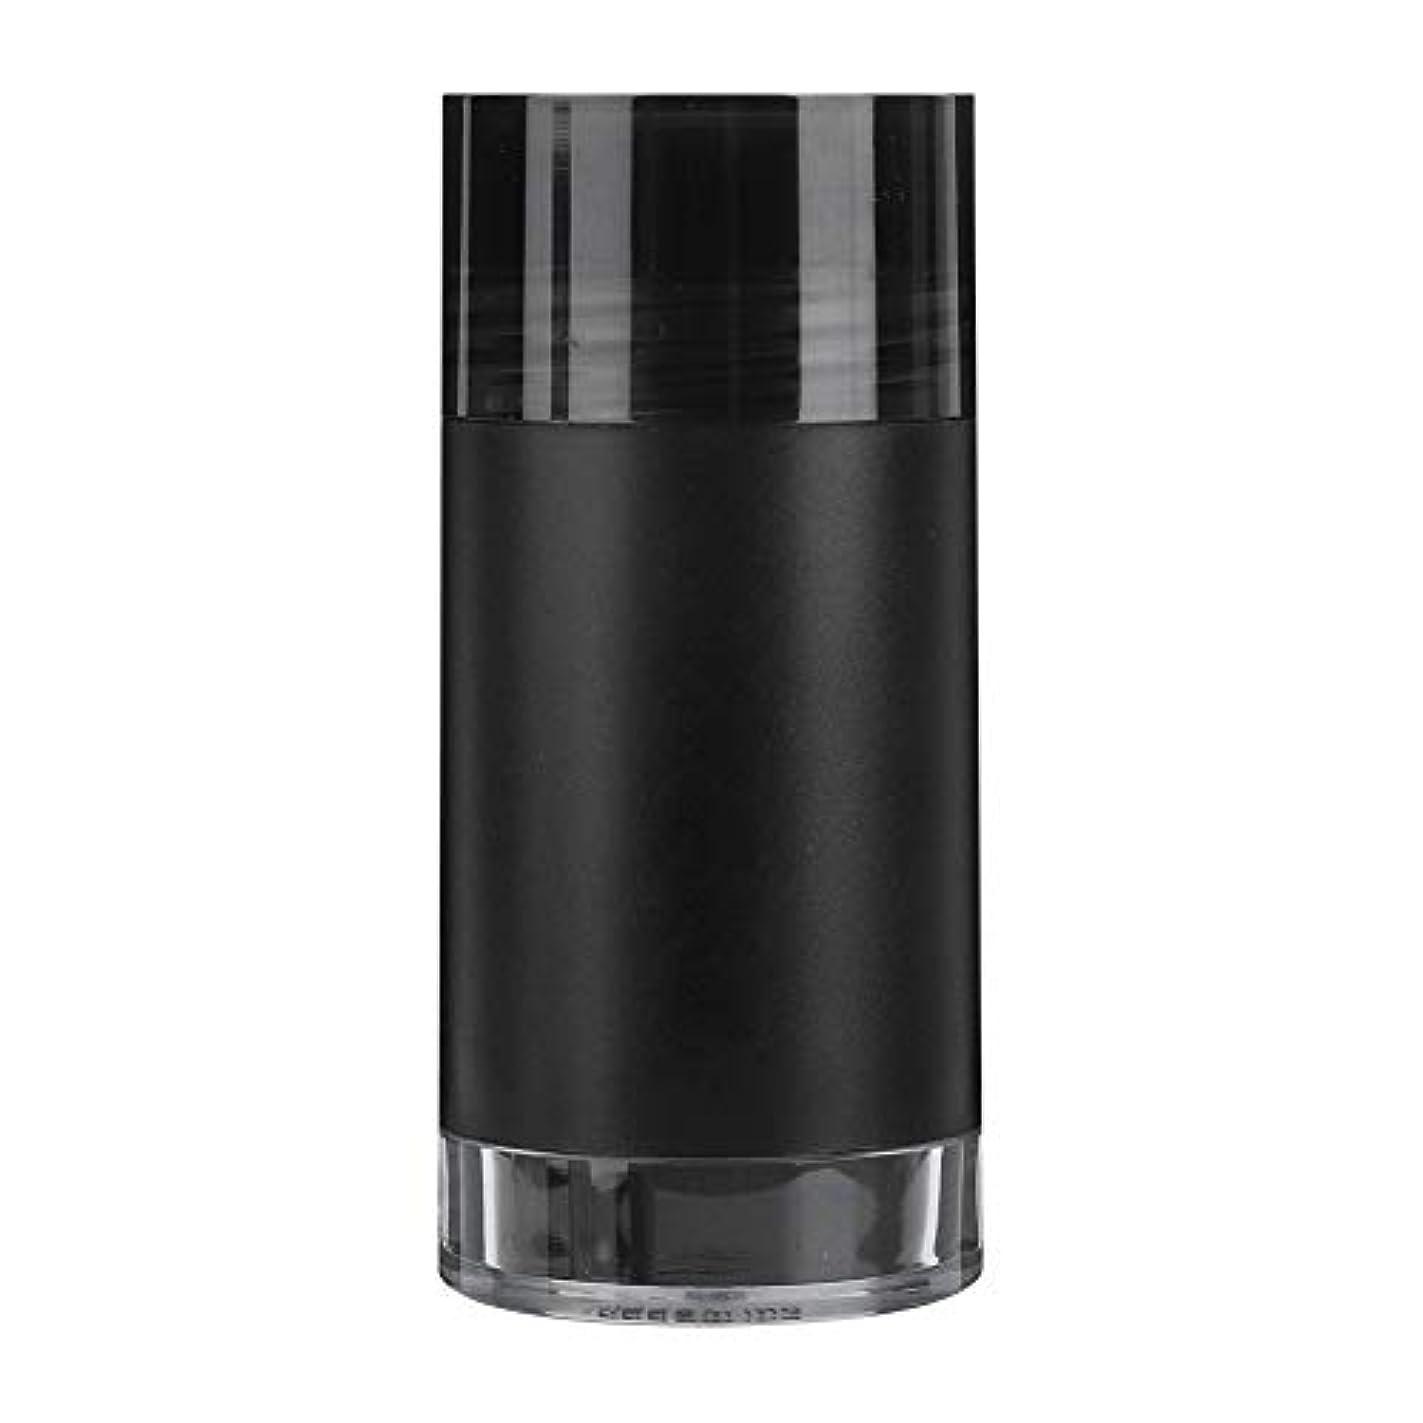 電気陽性神弓NITRIP 薄毛隠し 増毛スプレー ヘアビルディングファイバー(黒)